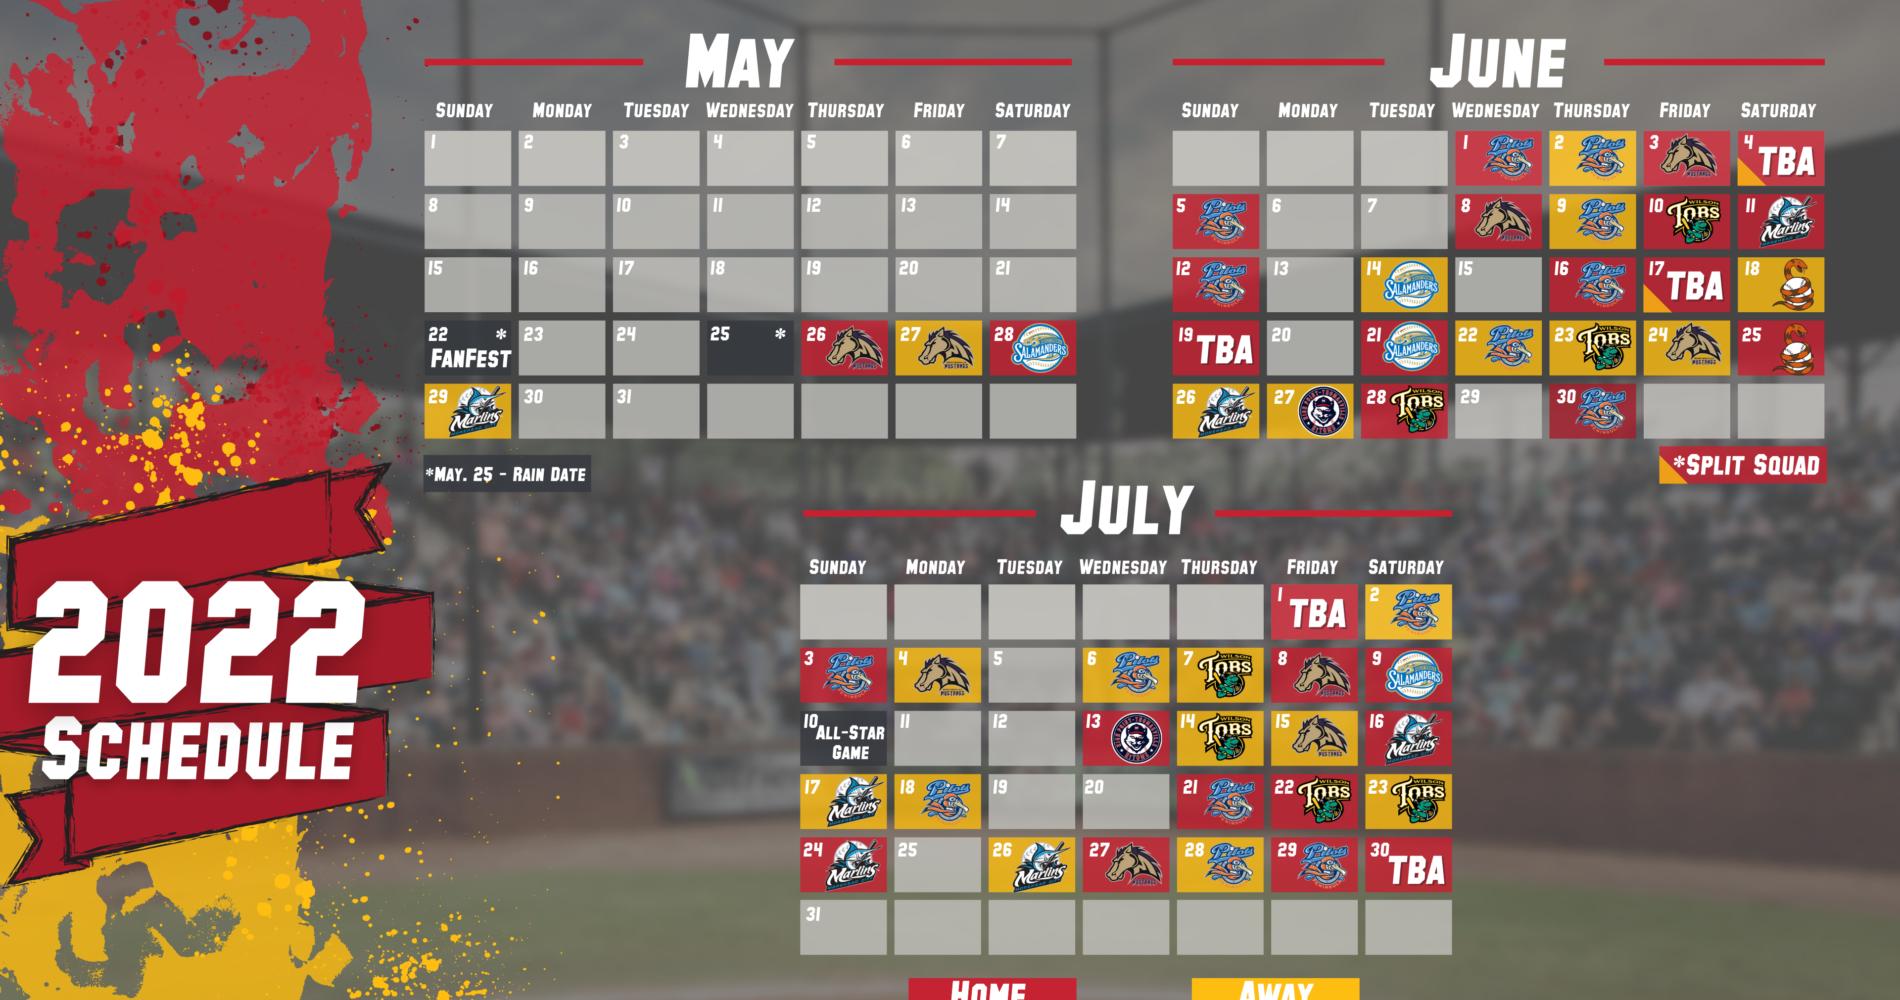 Tri-City Chili Pepper's 2022 Season Schedule